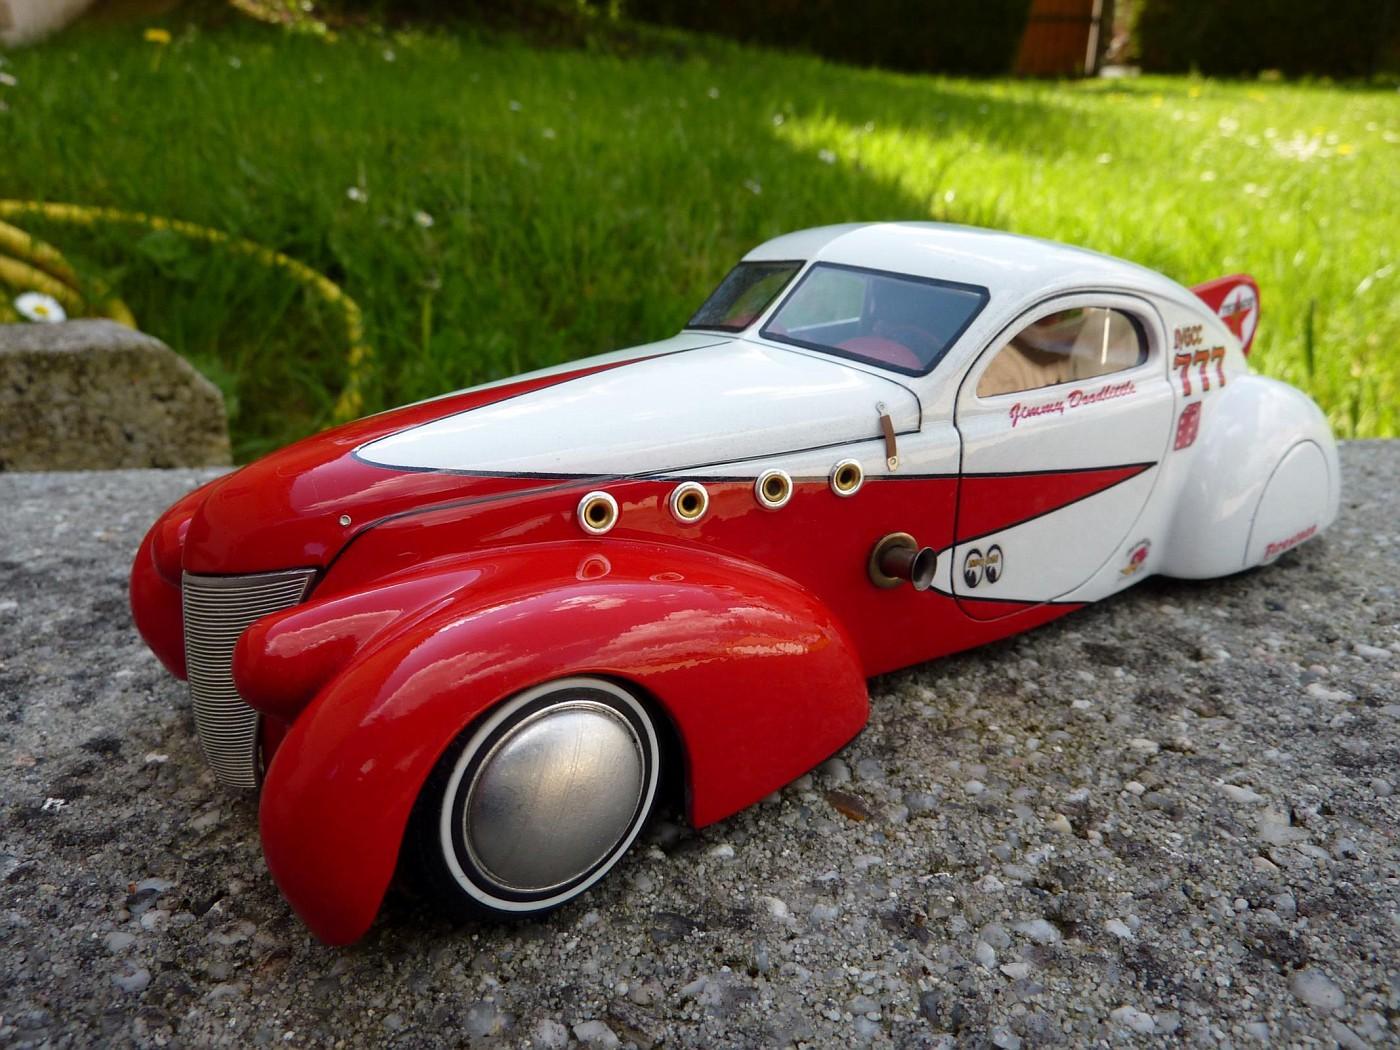 Ford T Bird Pickup racer Bonneville ( Ex Nascar) terminée  - Page 2 Photo18-vi